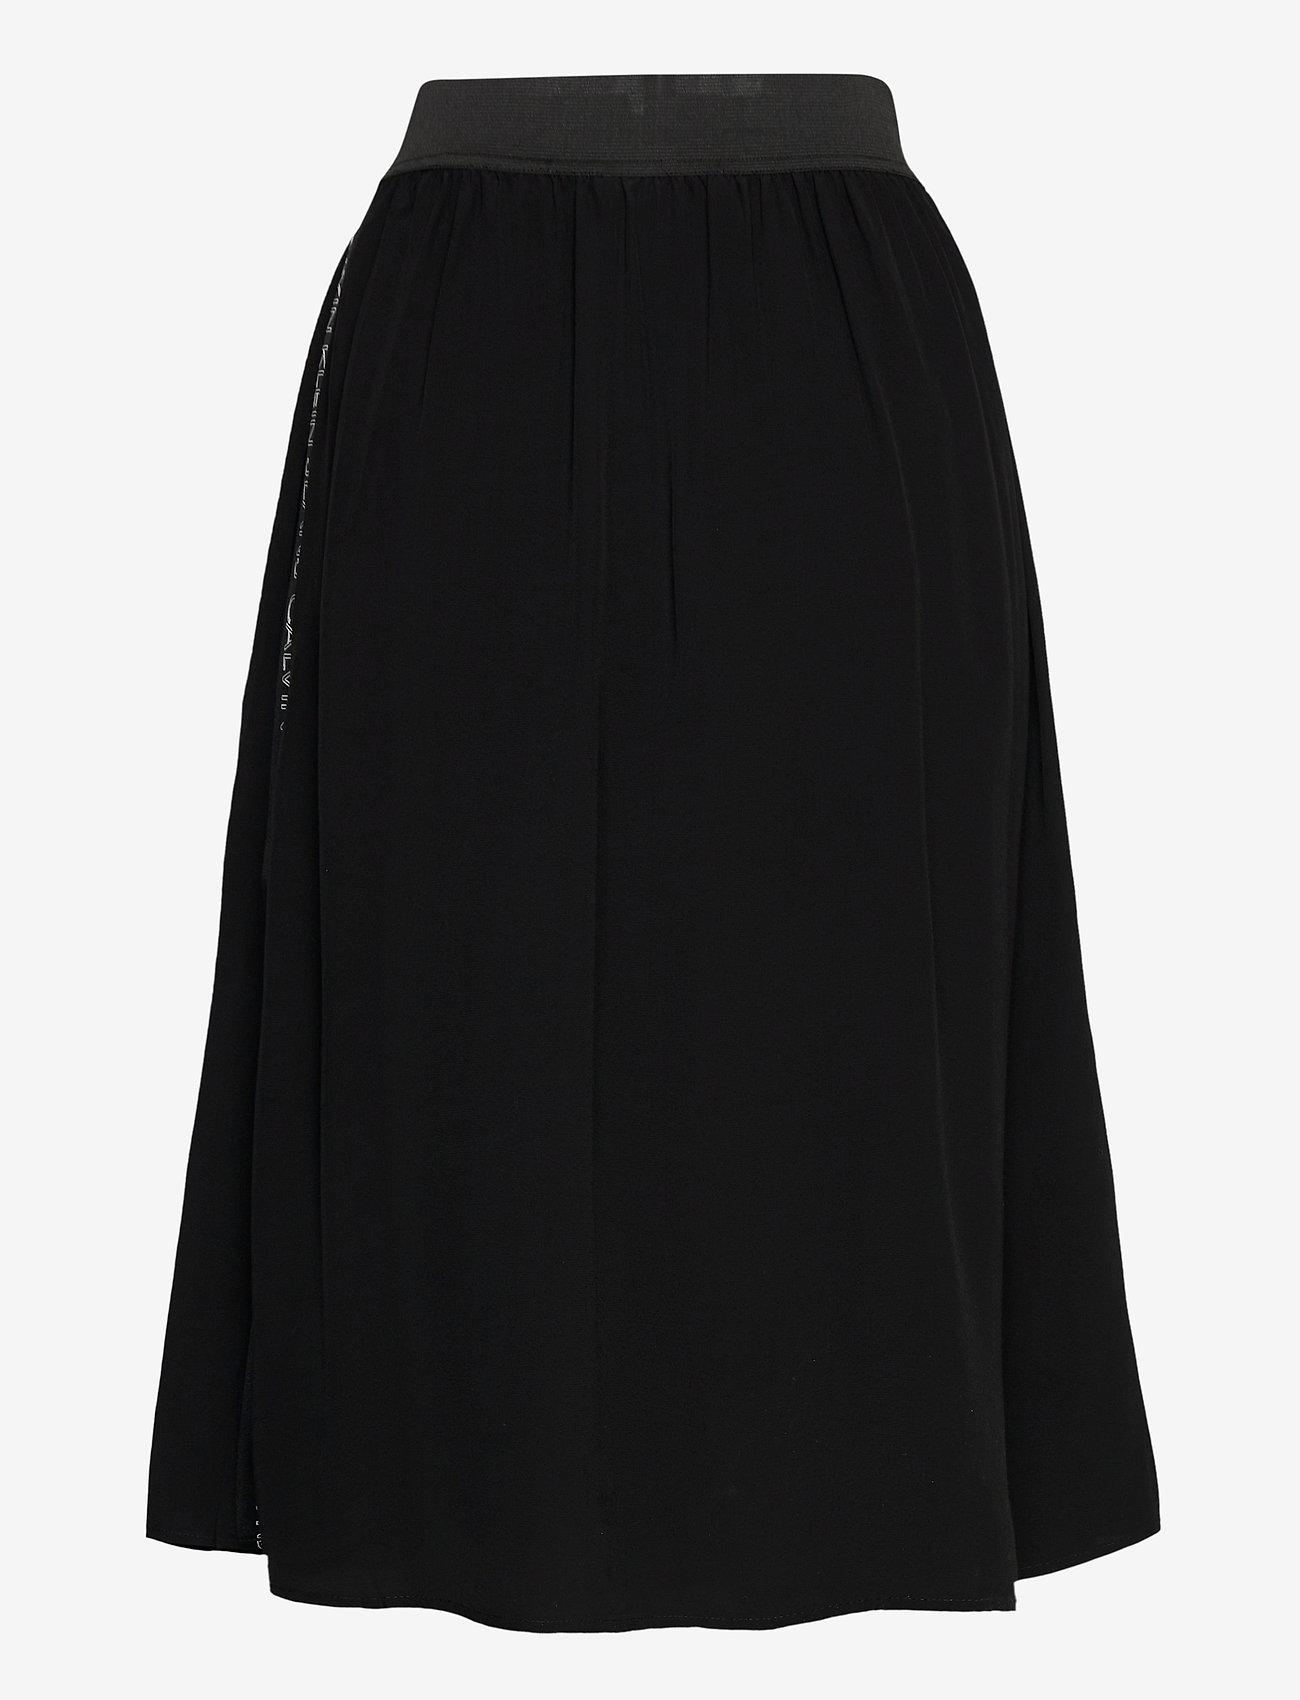 Calvin Klein Jeans - OUTLINE LOGO DRAPEY SKIRT - midi skjørt - ck black - 1